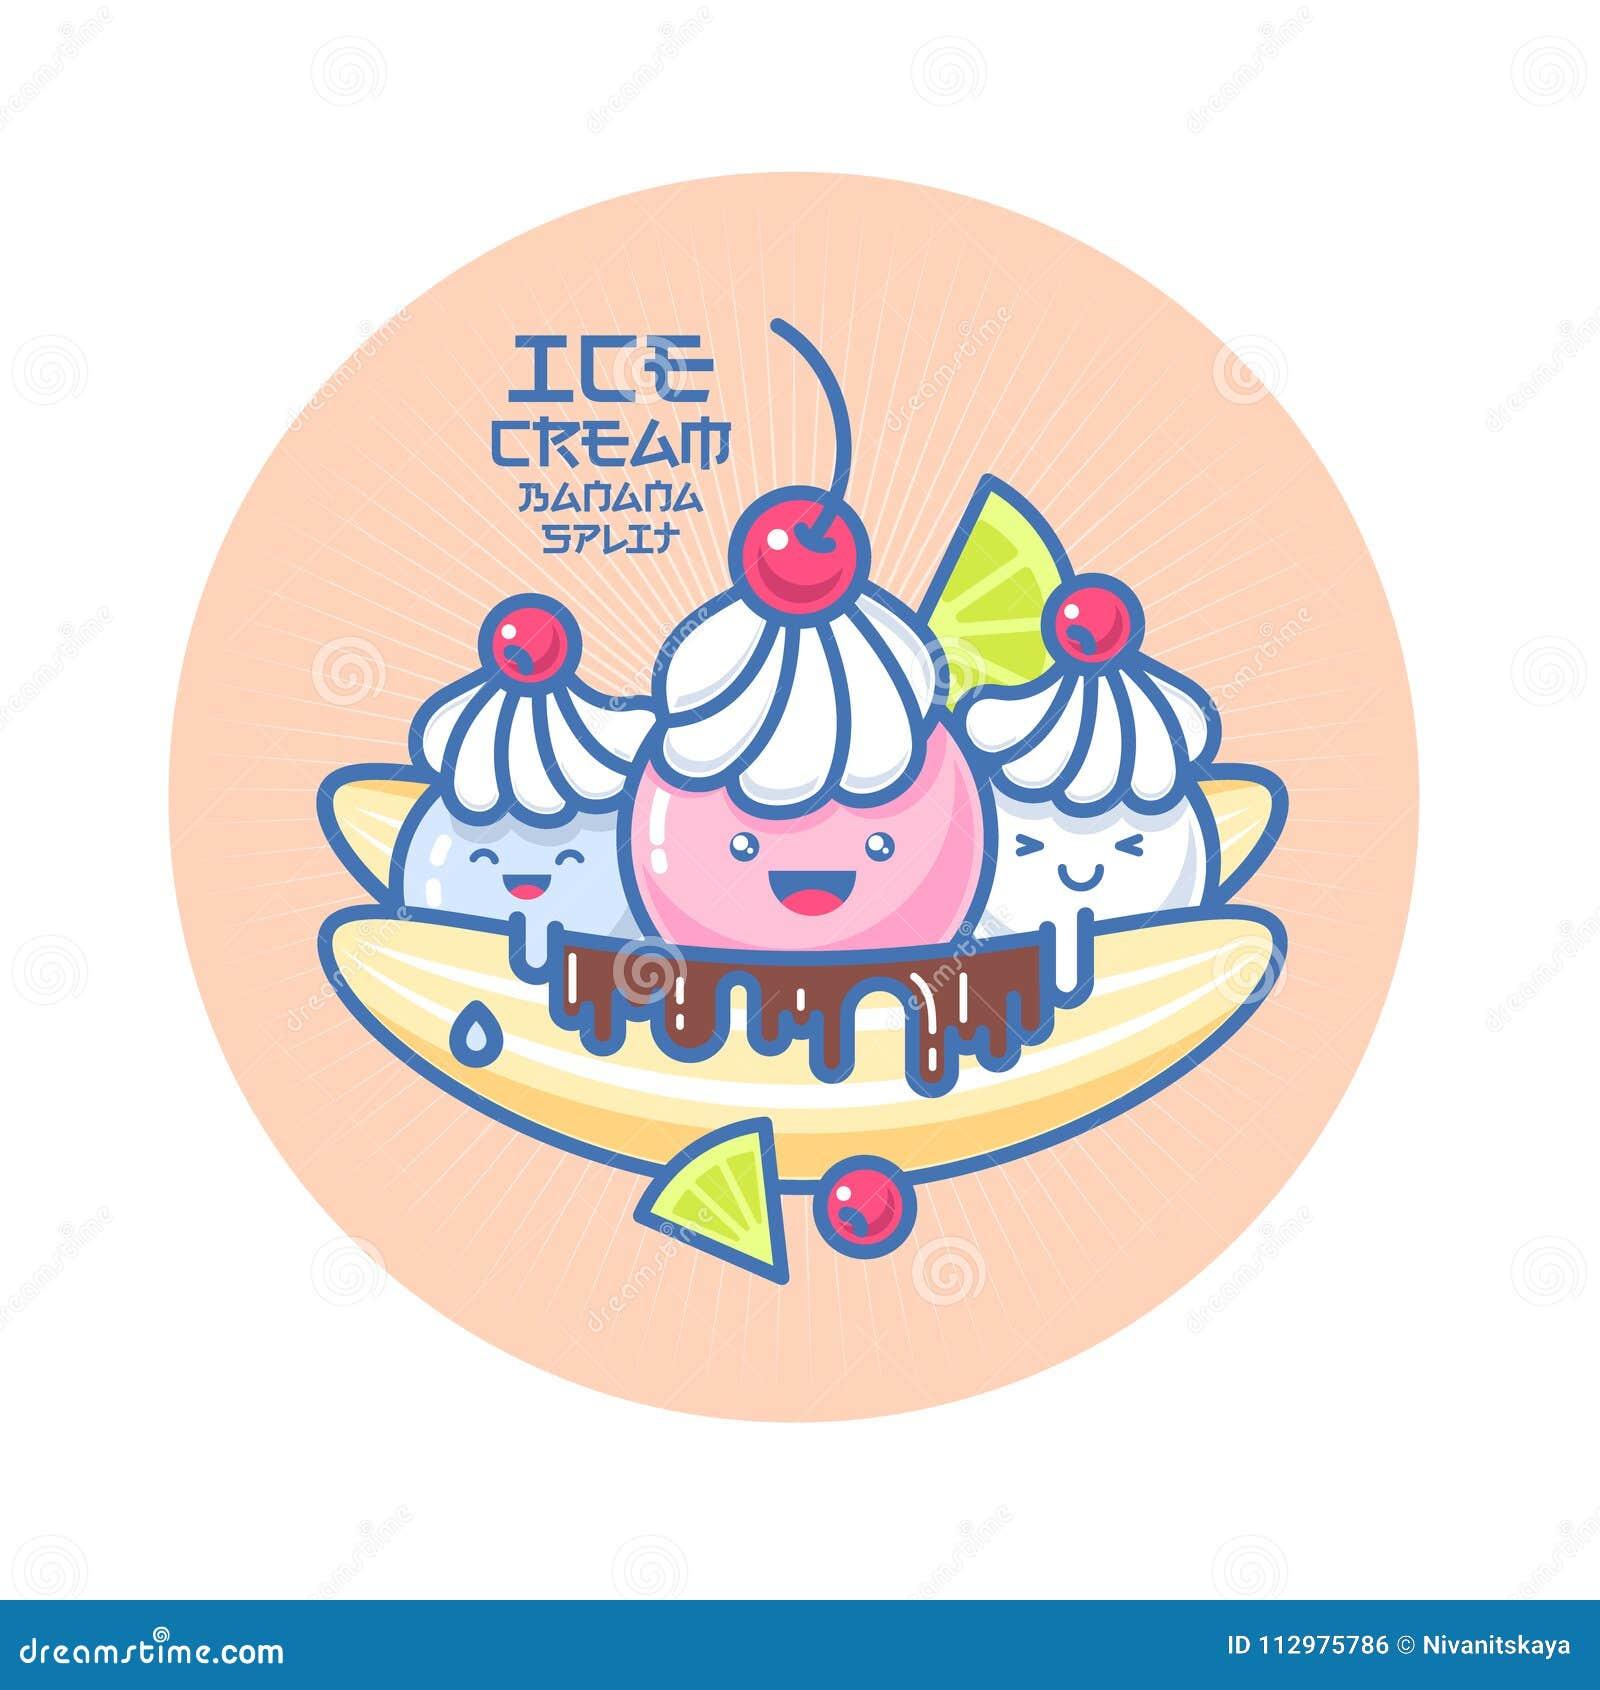 Ιαπωνική χαμογελασμένη ύφος απεικόνιση παγωτού Ζωηρόχρωμο παγωτό σε μια μπανάνα